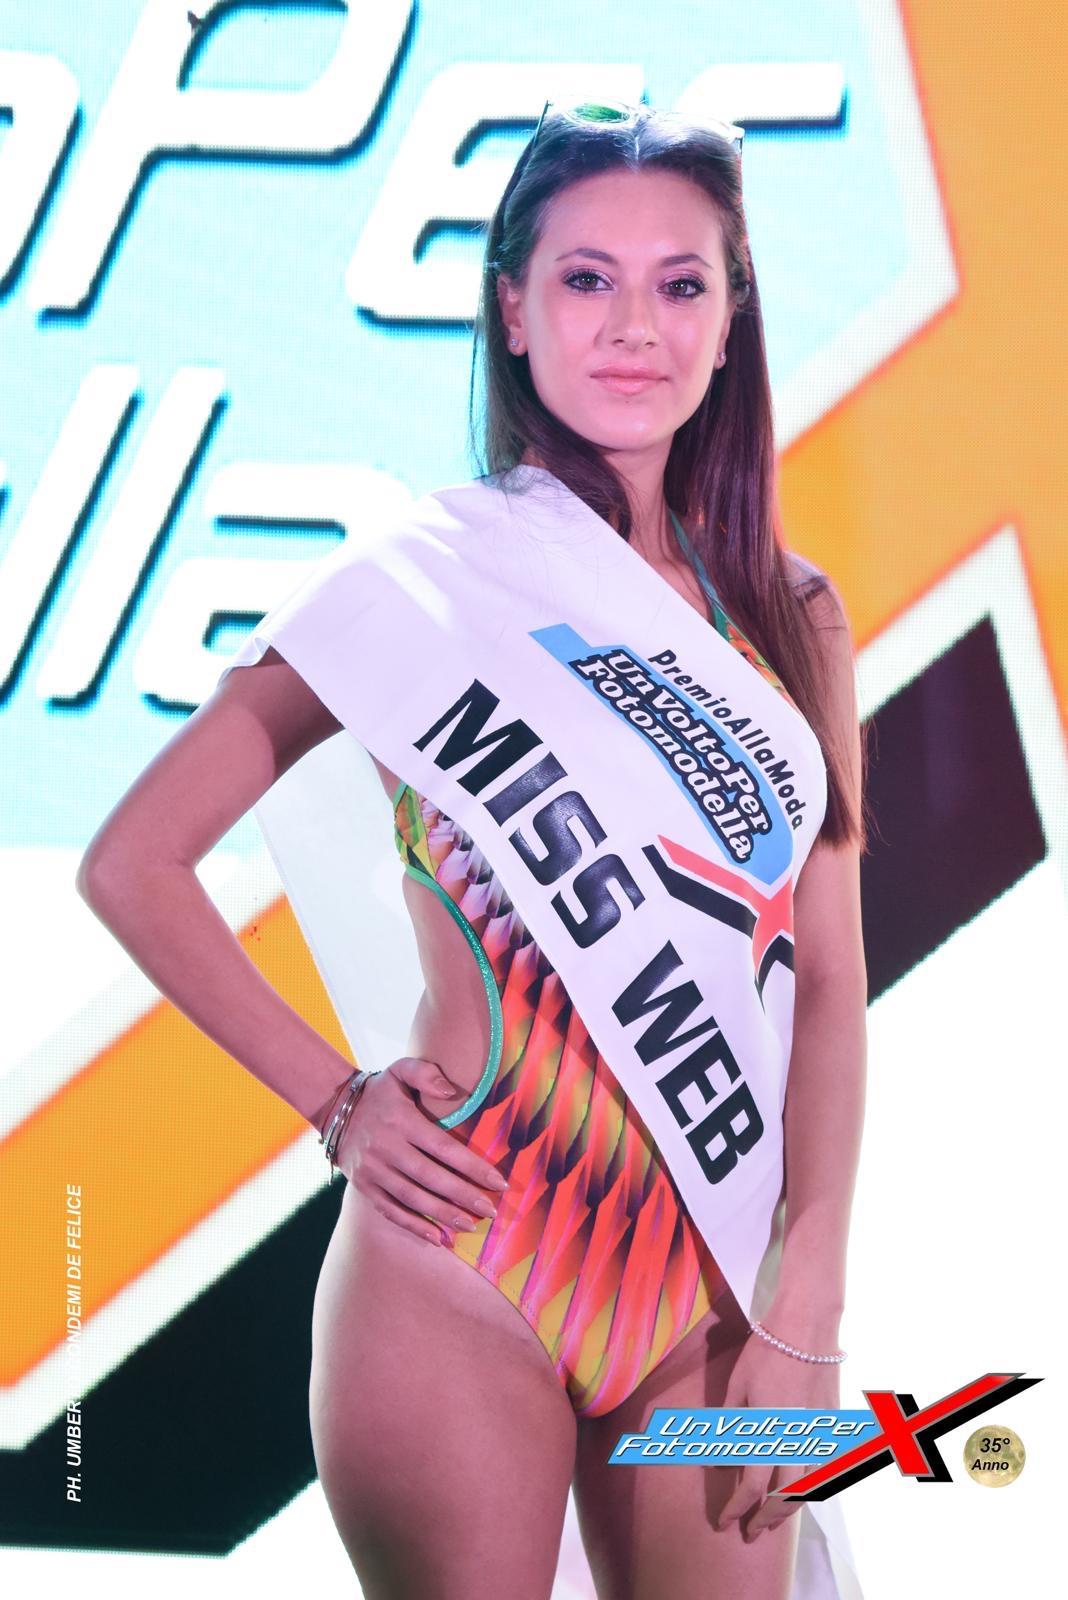 Finale Nazionale Premio alla Moda Un volto X Fotomodella 7 settembre 2019 Fiuggi Terme di Bonifacio VIII